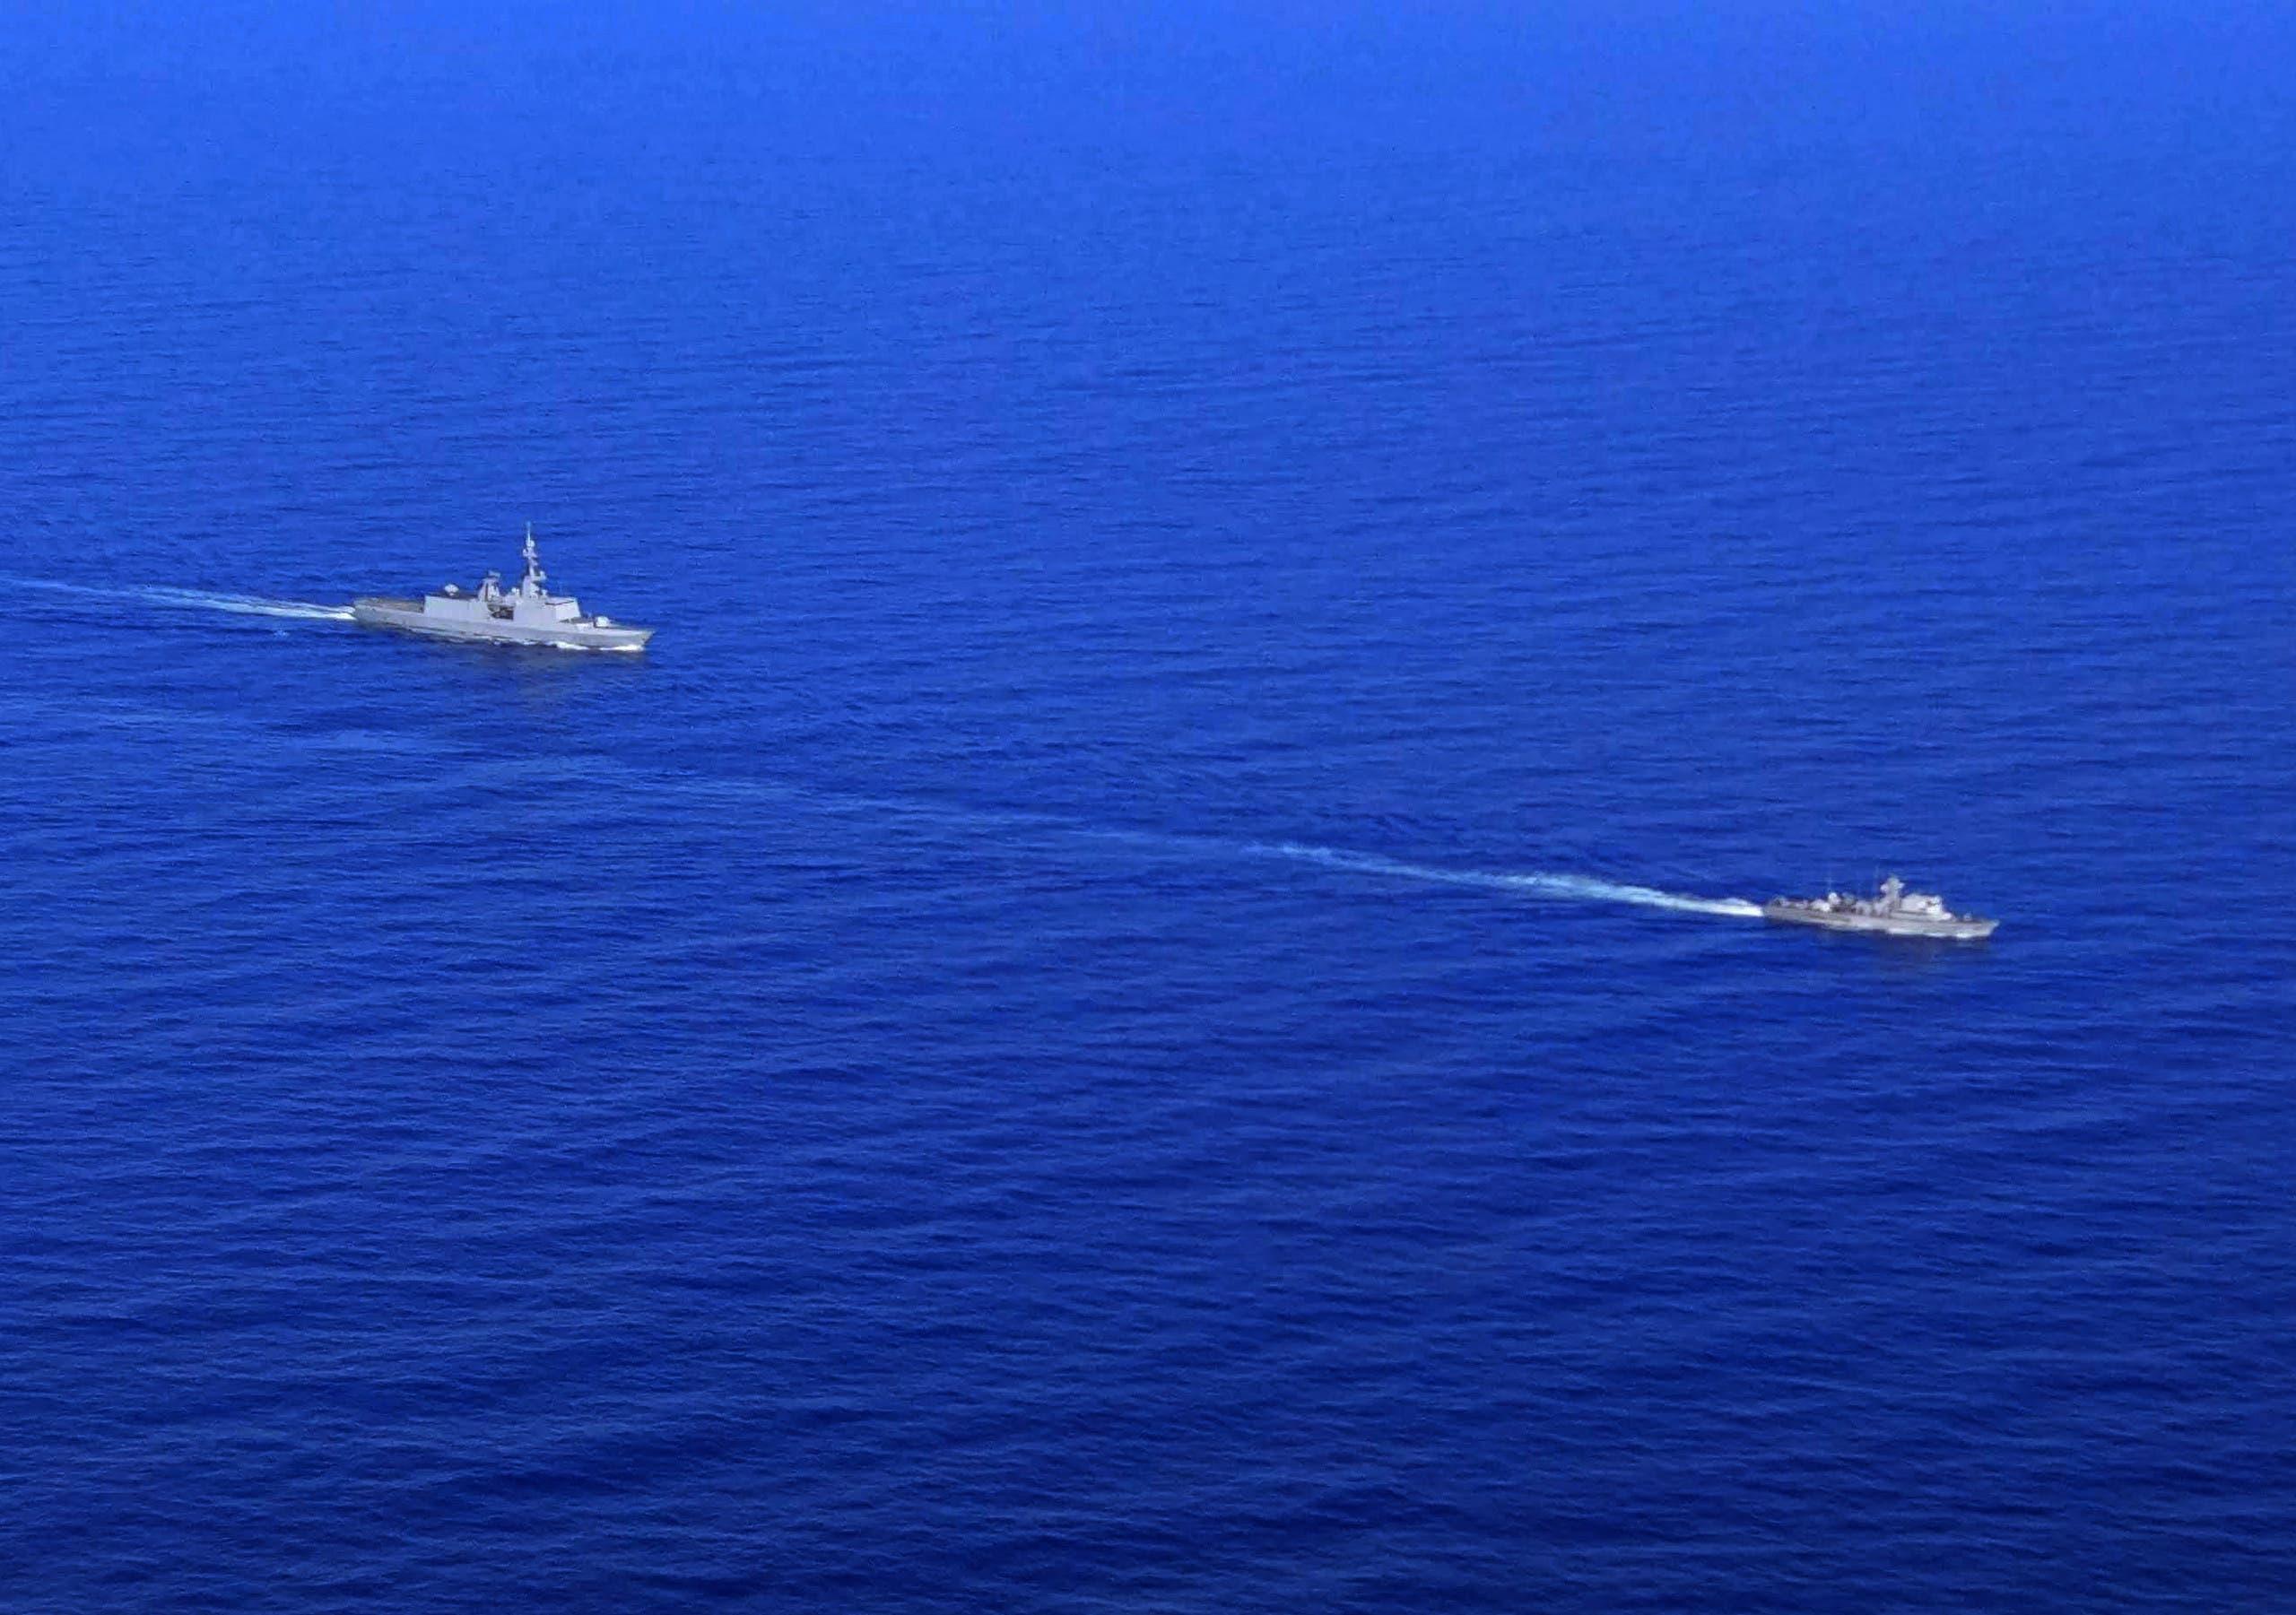 تدريب عسكري مشترك العام الماضي بين فرنسا وقبرص في المتوسط